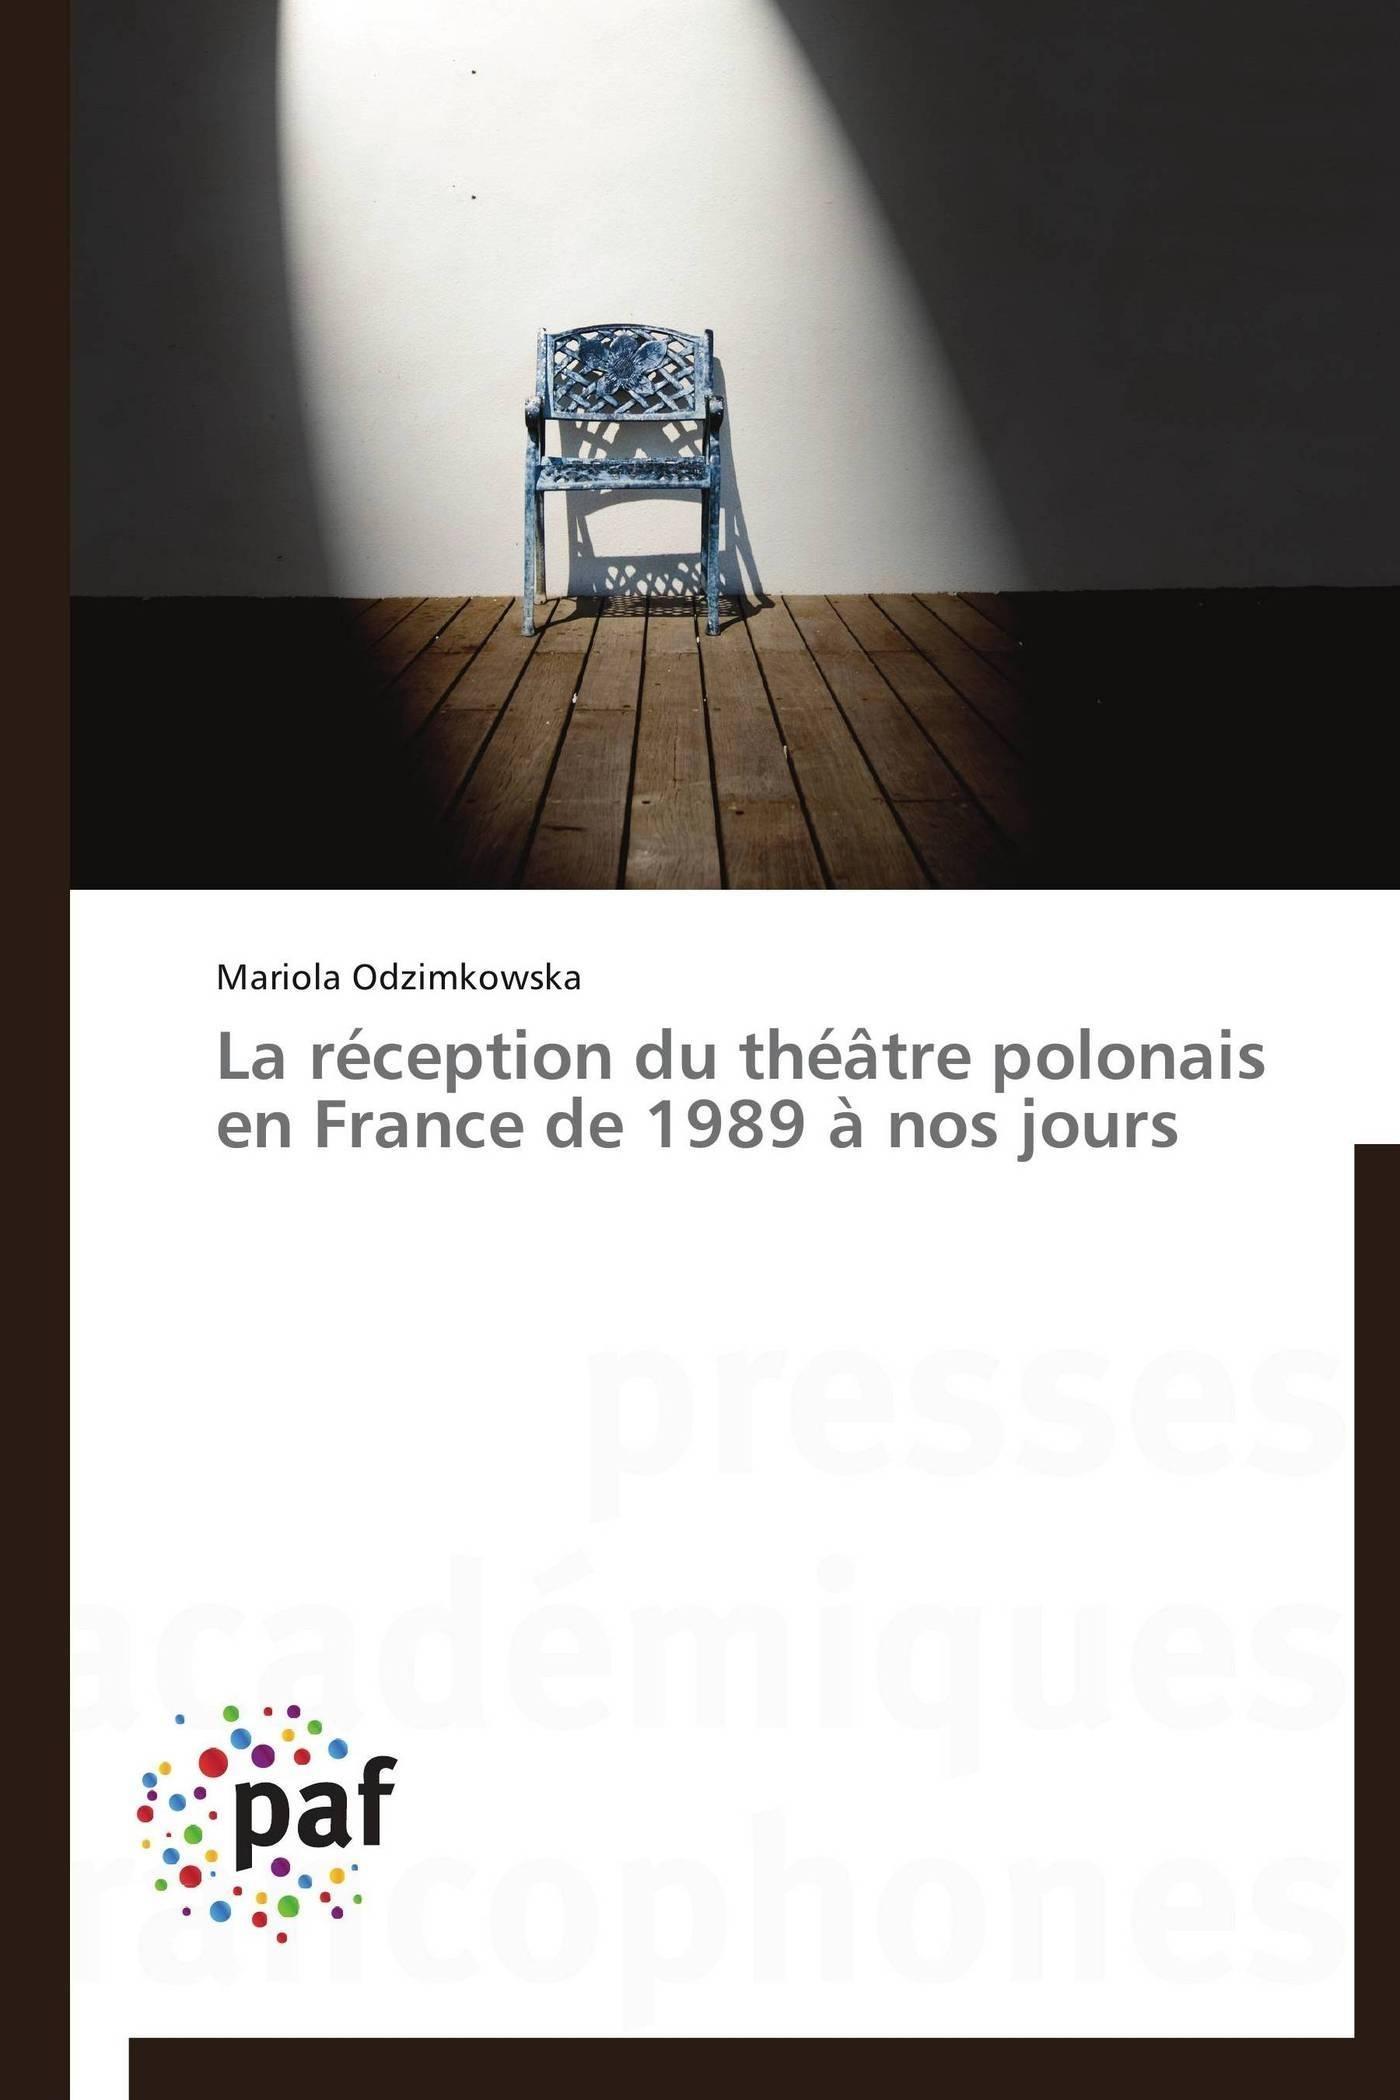 LA RECEPTION DU THEATRE POLONAIS EN FRANCE DE 1989 A NOS JOURS